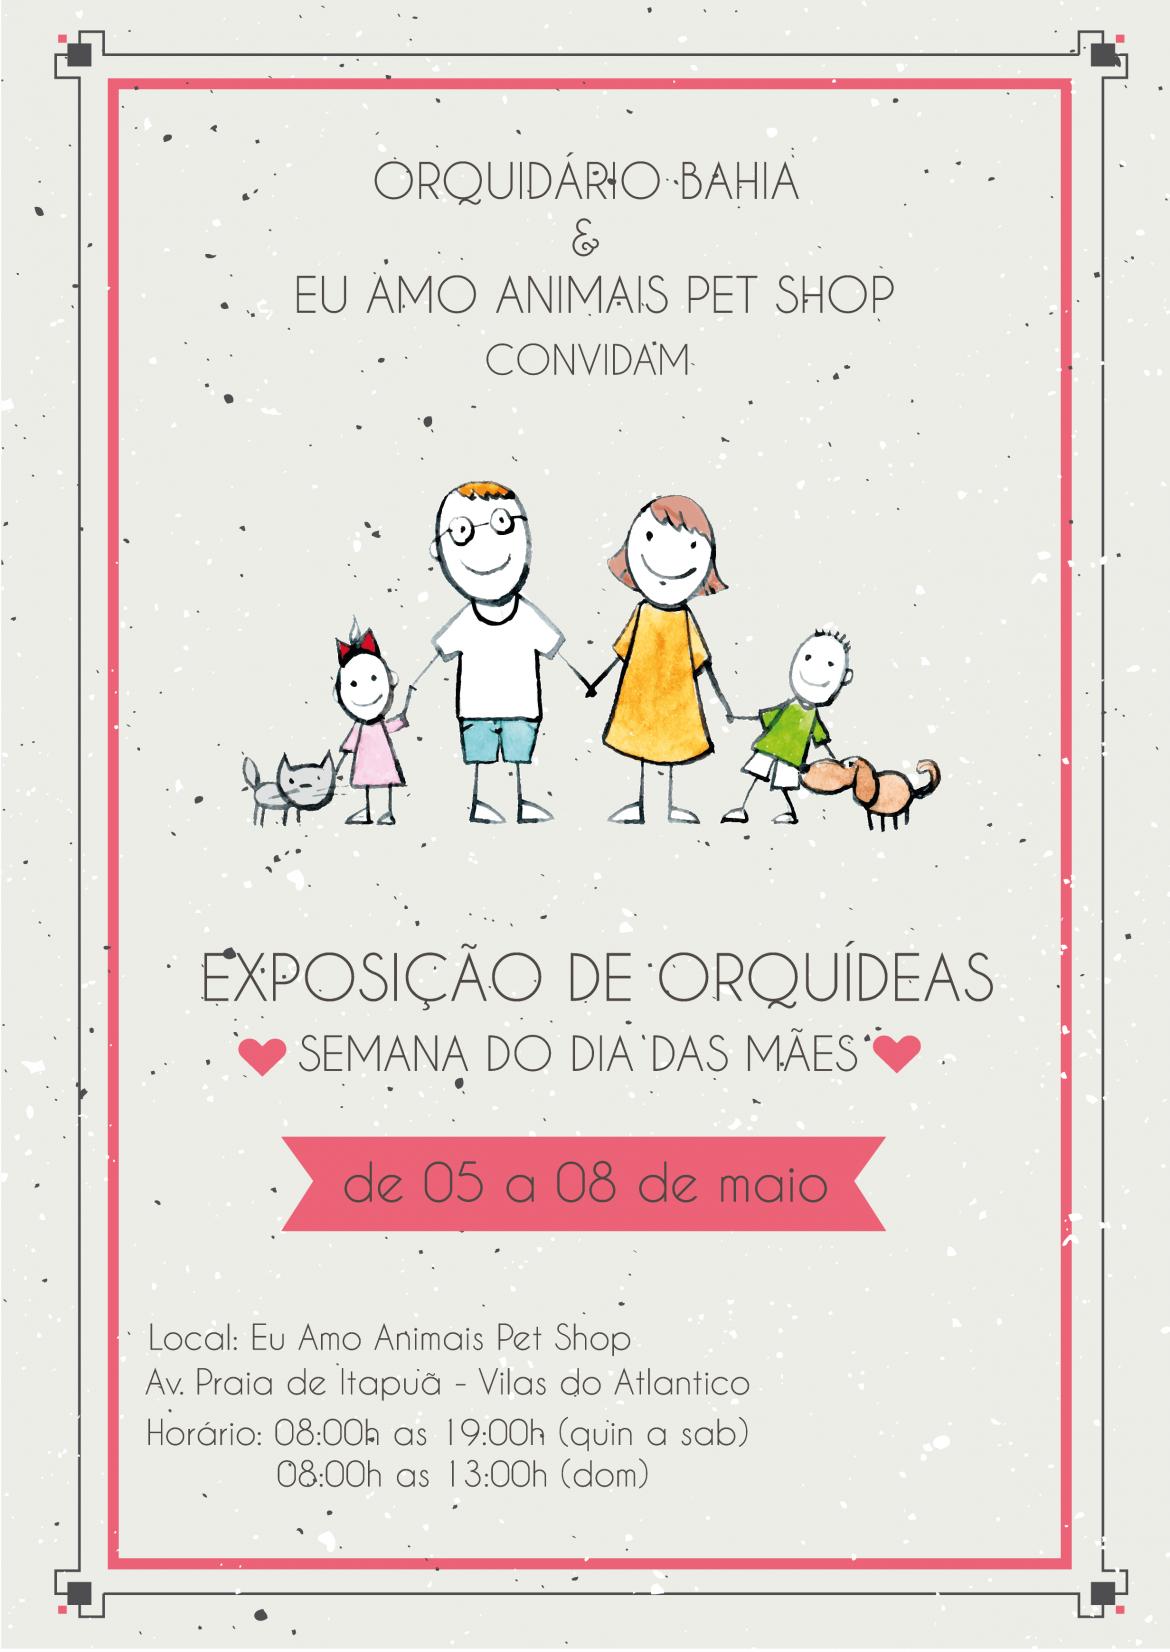 Exposição de Orquídeas no Eu Amo Animais Pet Shop Villas